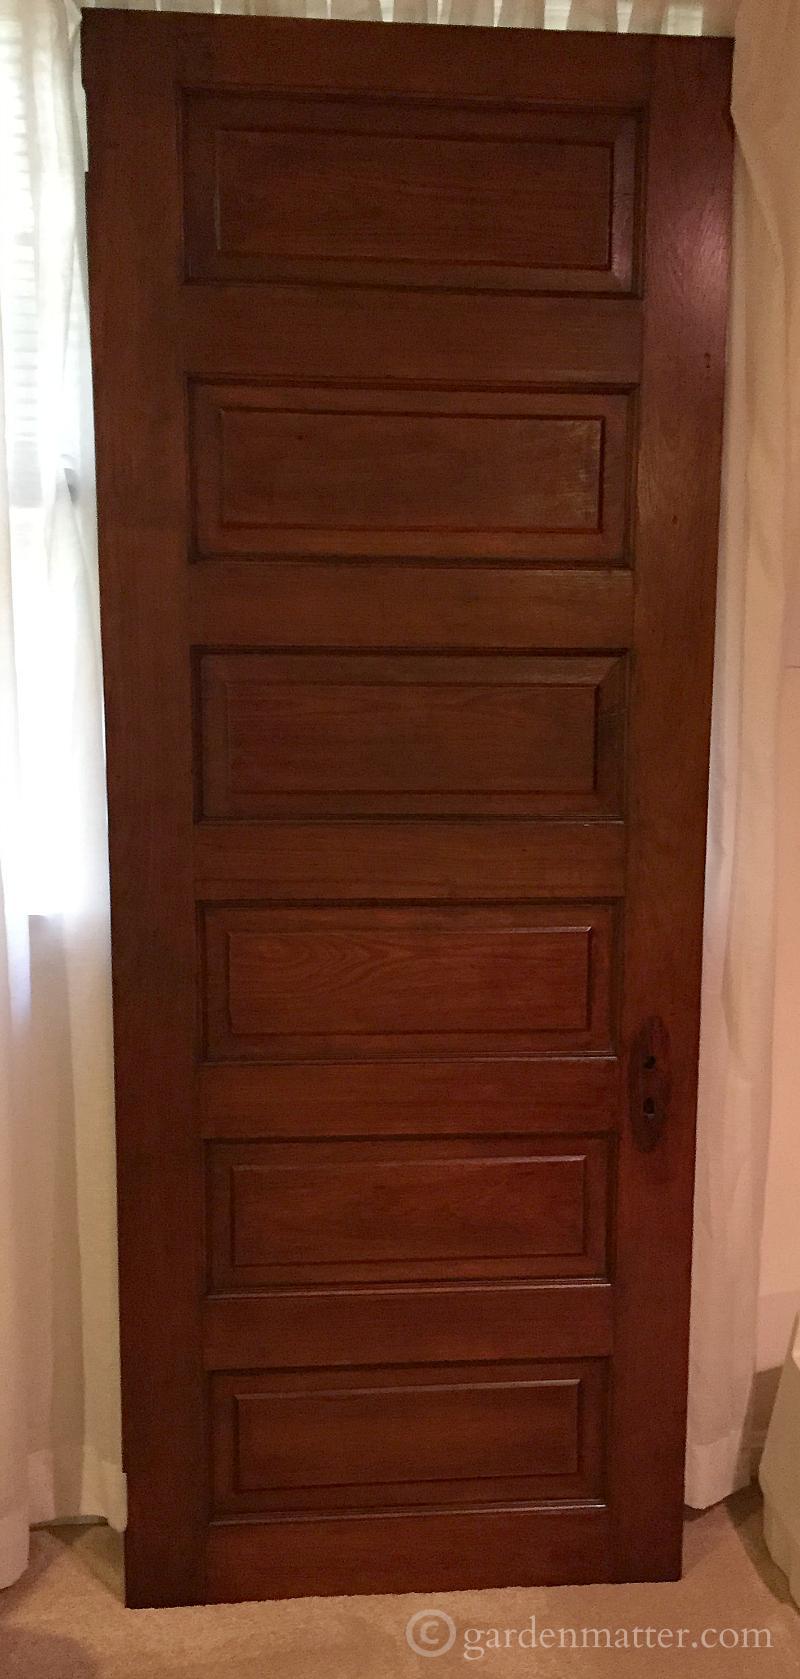 Thrift Shop Door - New uses for old doors - gardenmatter.com